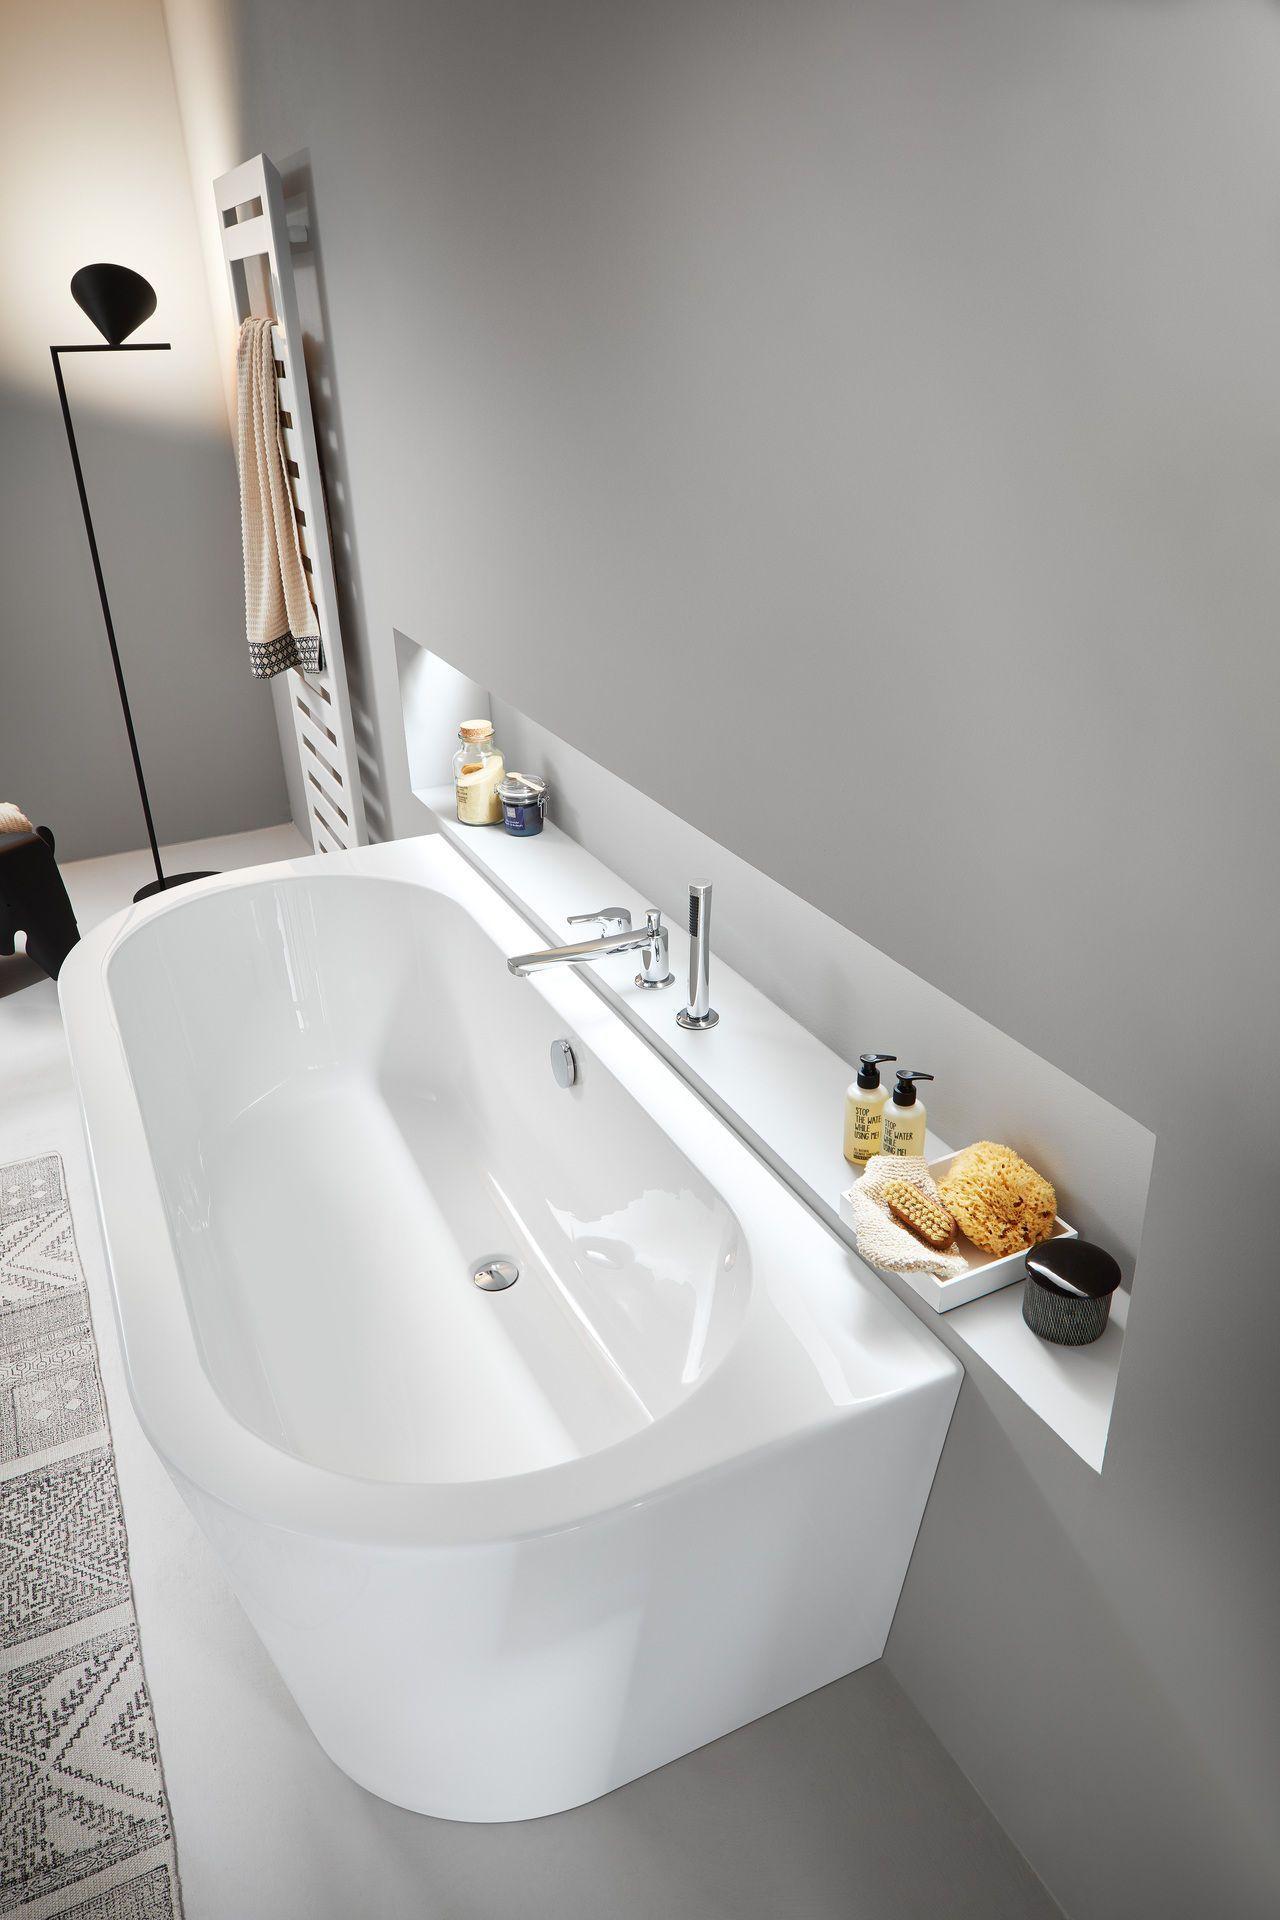 Freistehende Wanne - bauemotion.de | Bathroom | Pinterest ...